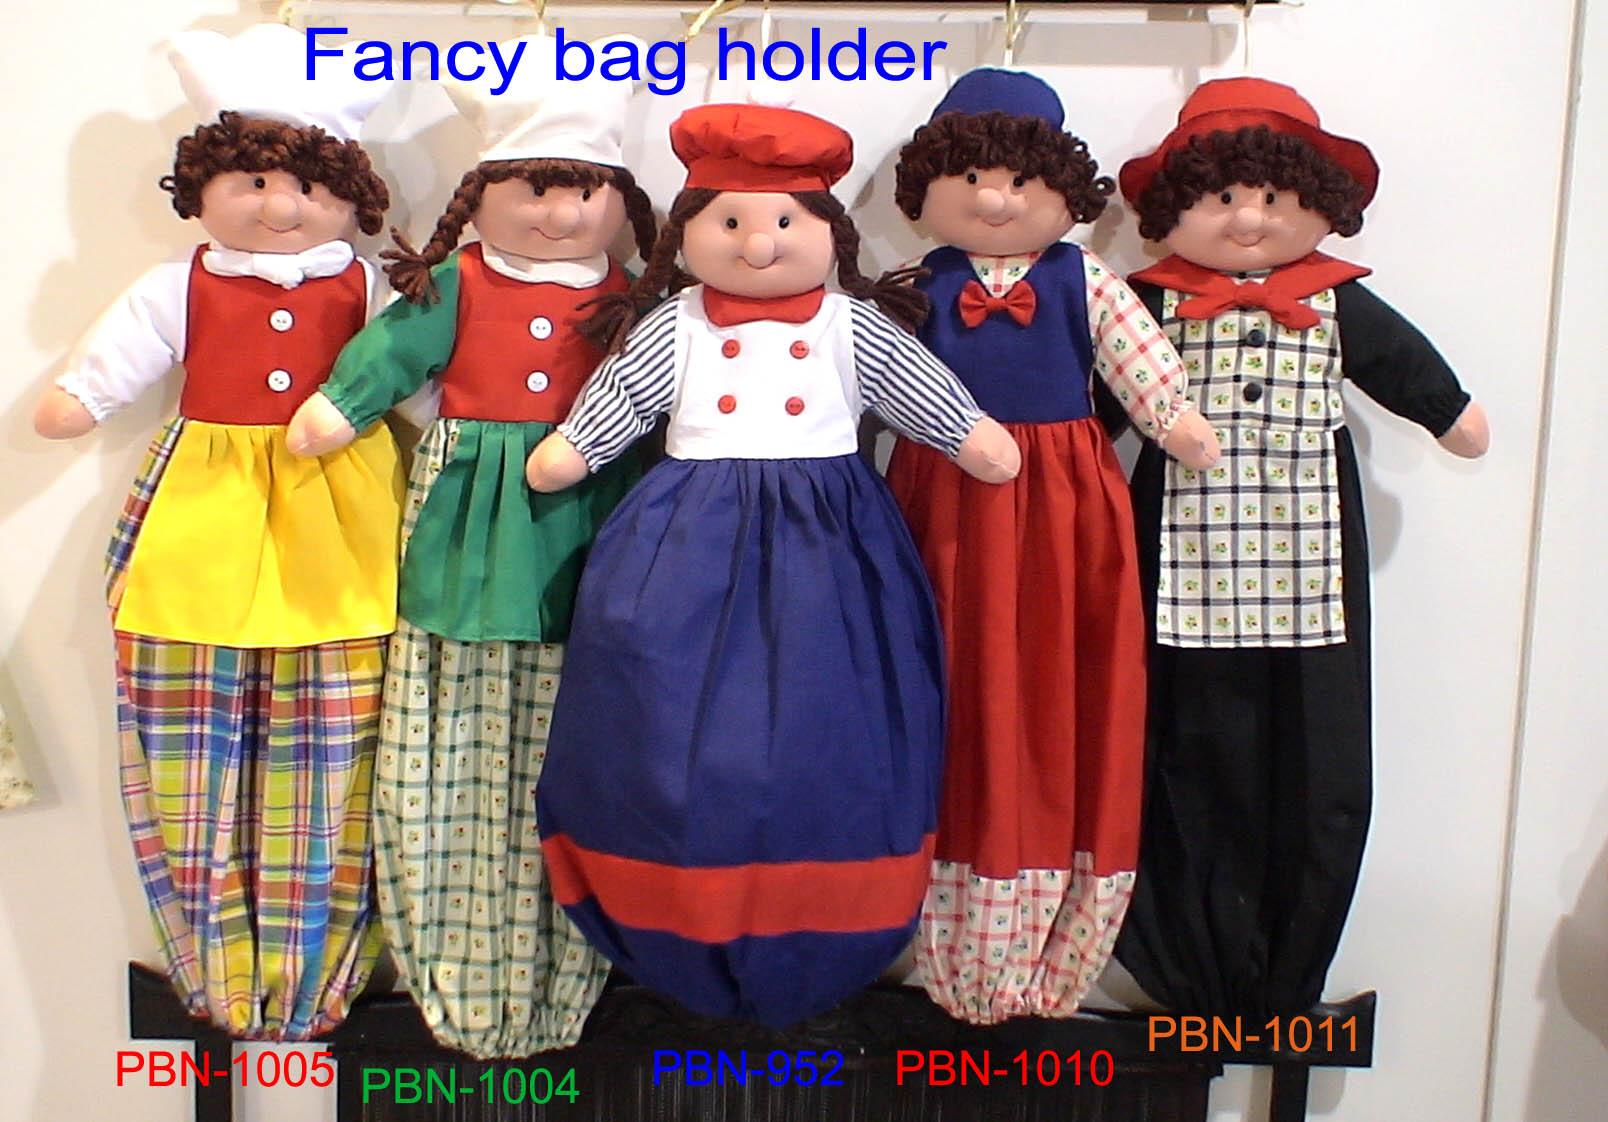 Plastic bag keeper - Fancy Plastic Bag Keeper